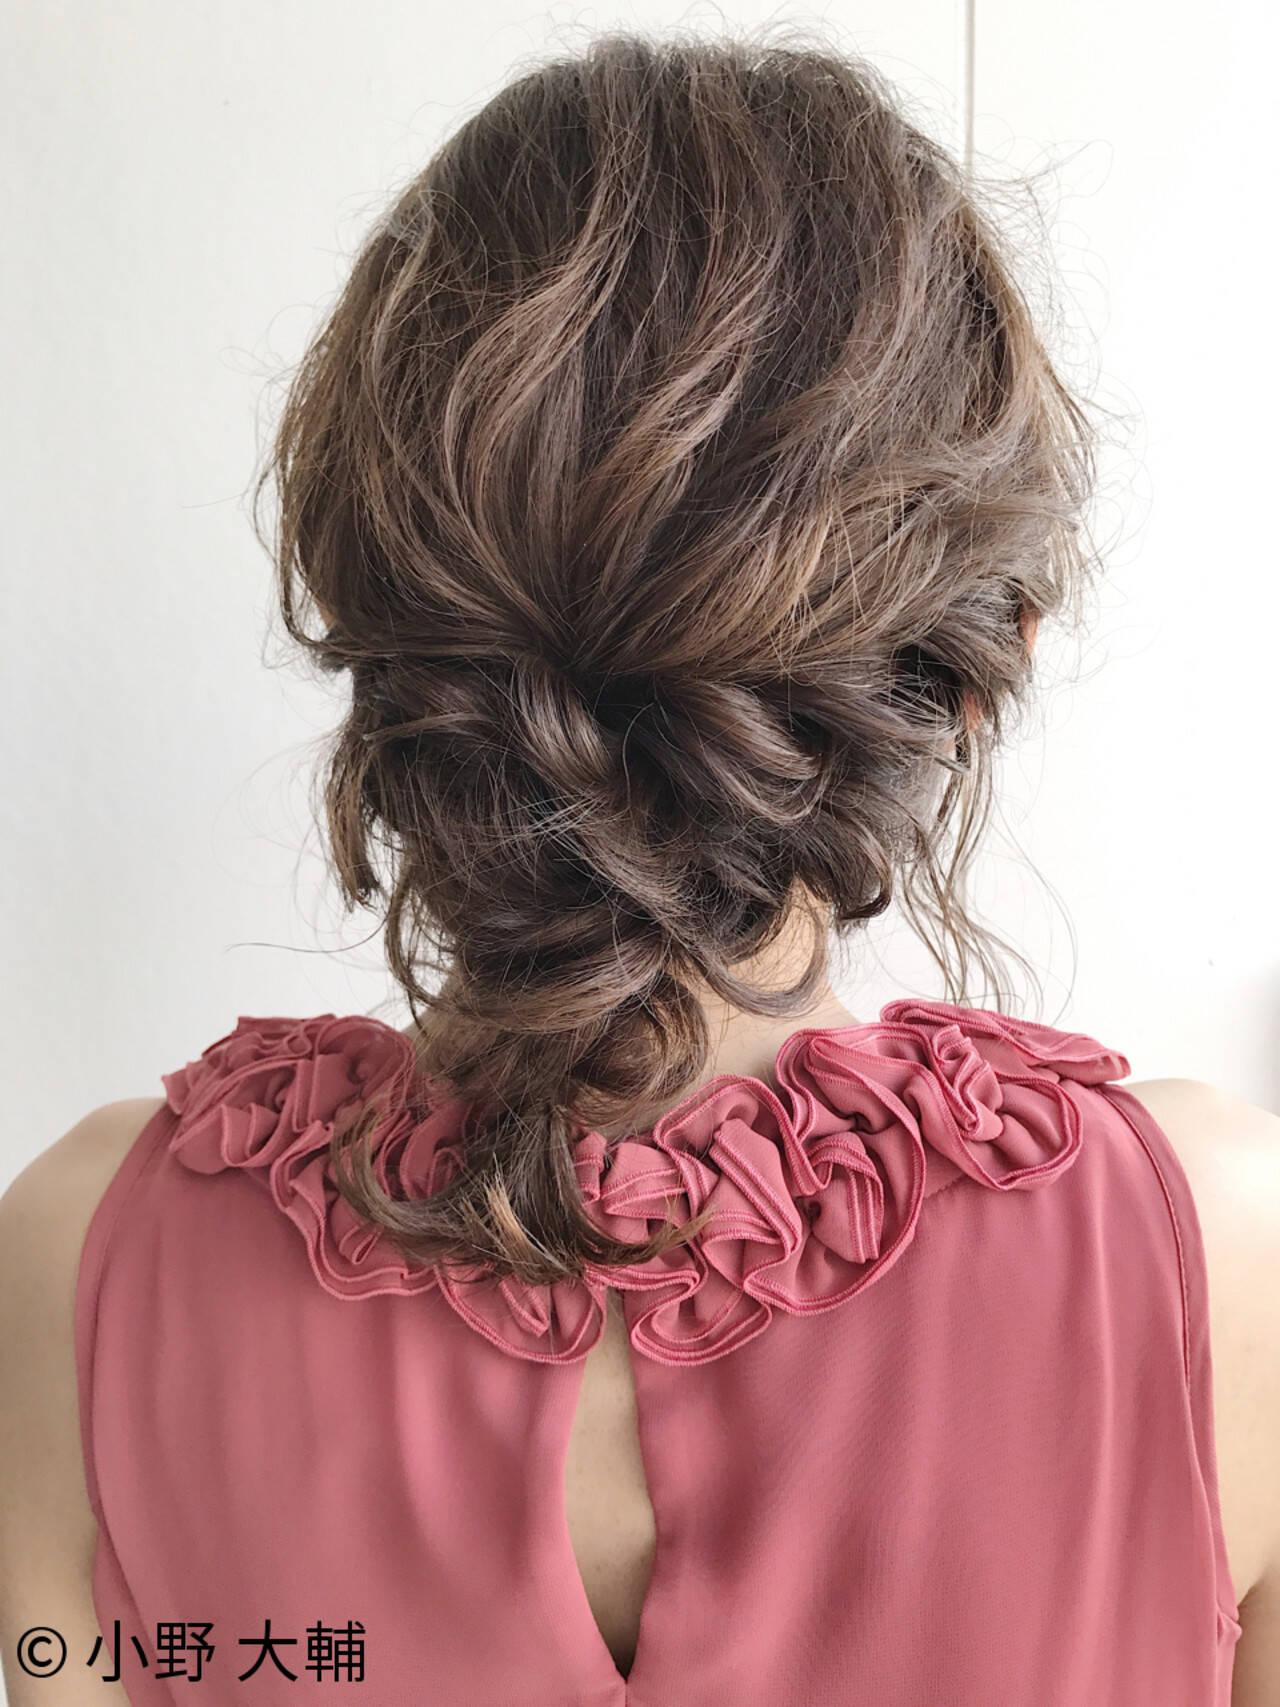 ナチュラル 編み込み ミディアム ヘアアレンジヘアスタイルや髪型の写真・画像